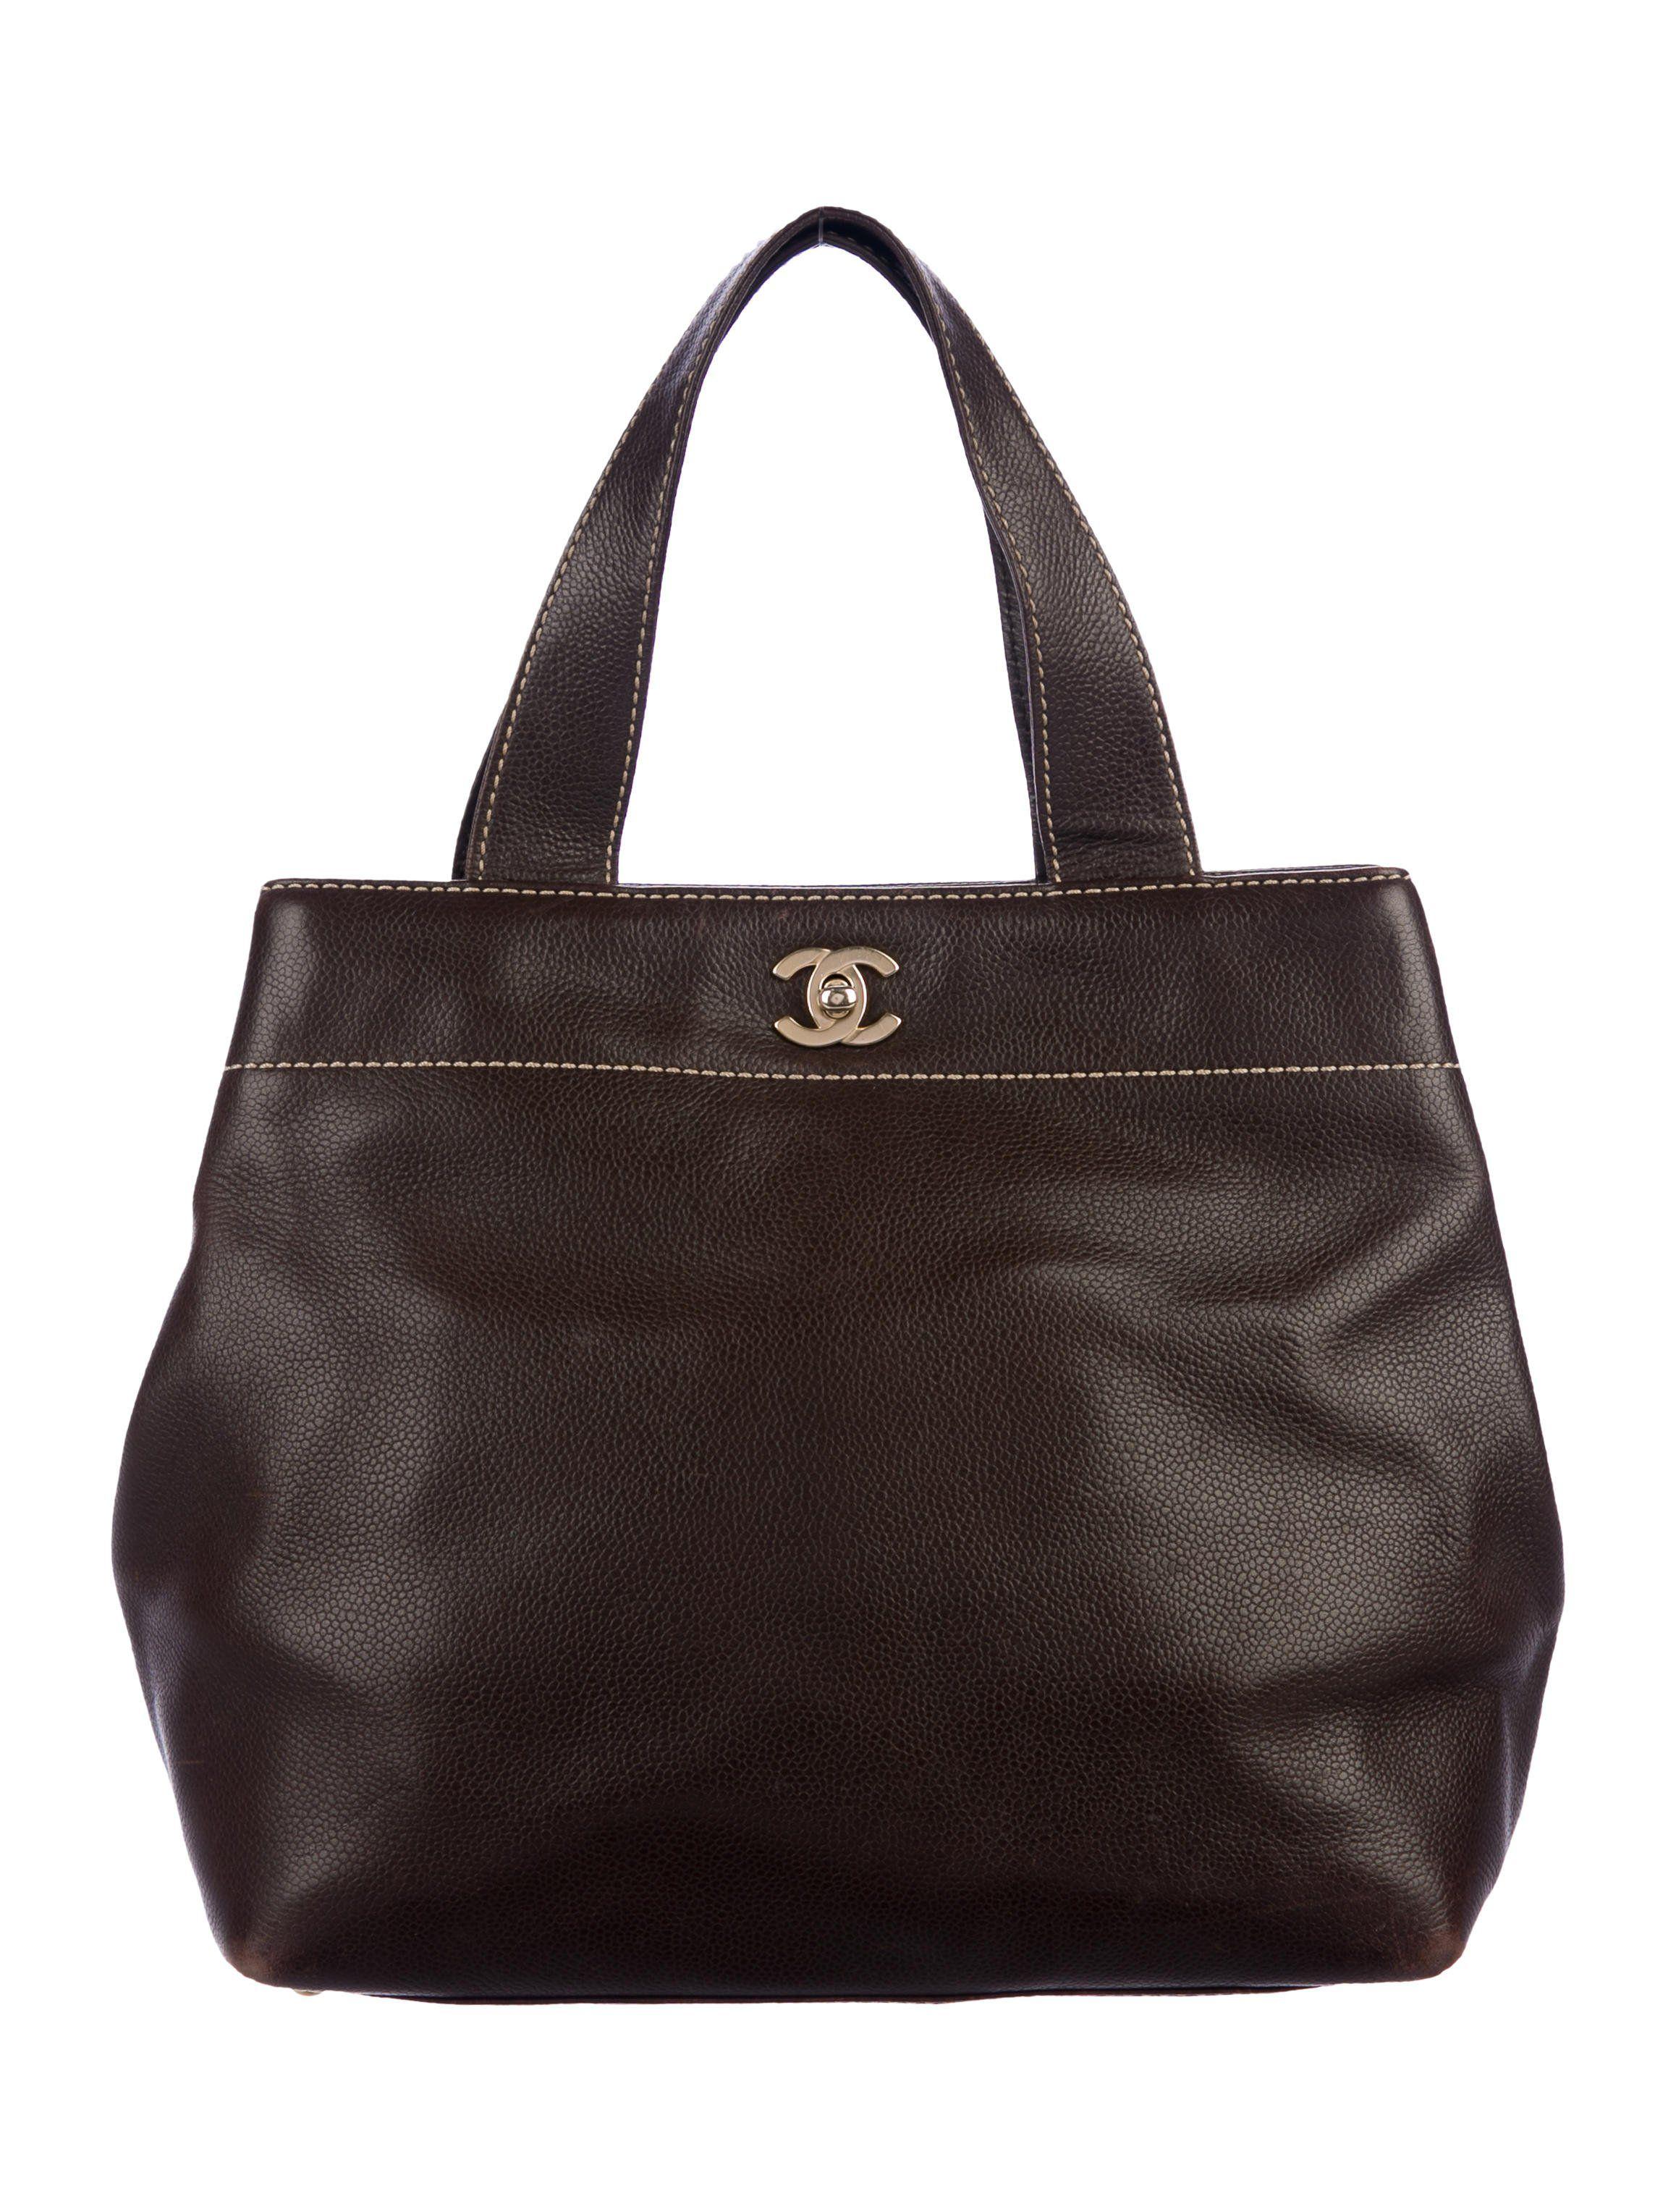 cc81381ee9b4 CC Surpique Tote in 2019   PRE-L❤VED HANDBAGS   Bags, Chanel, Handbags